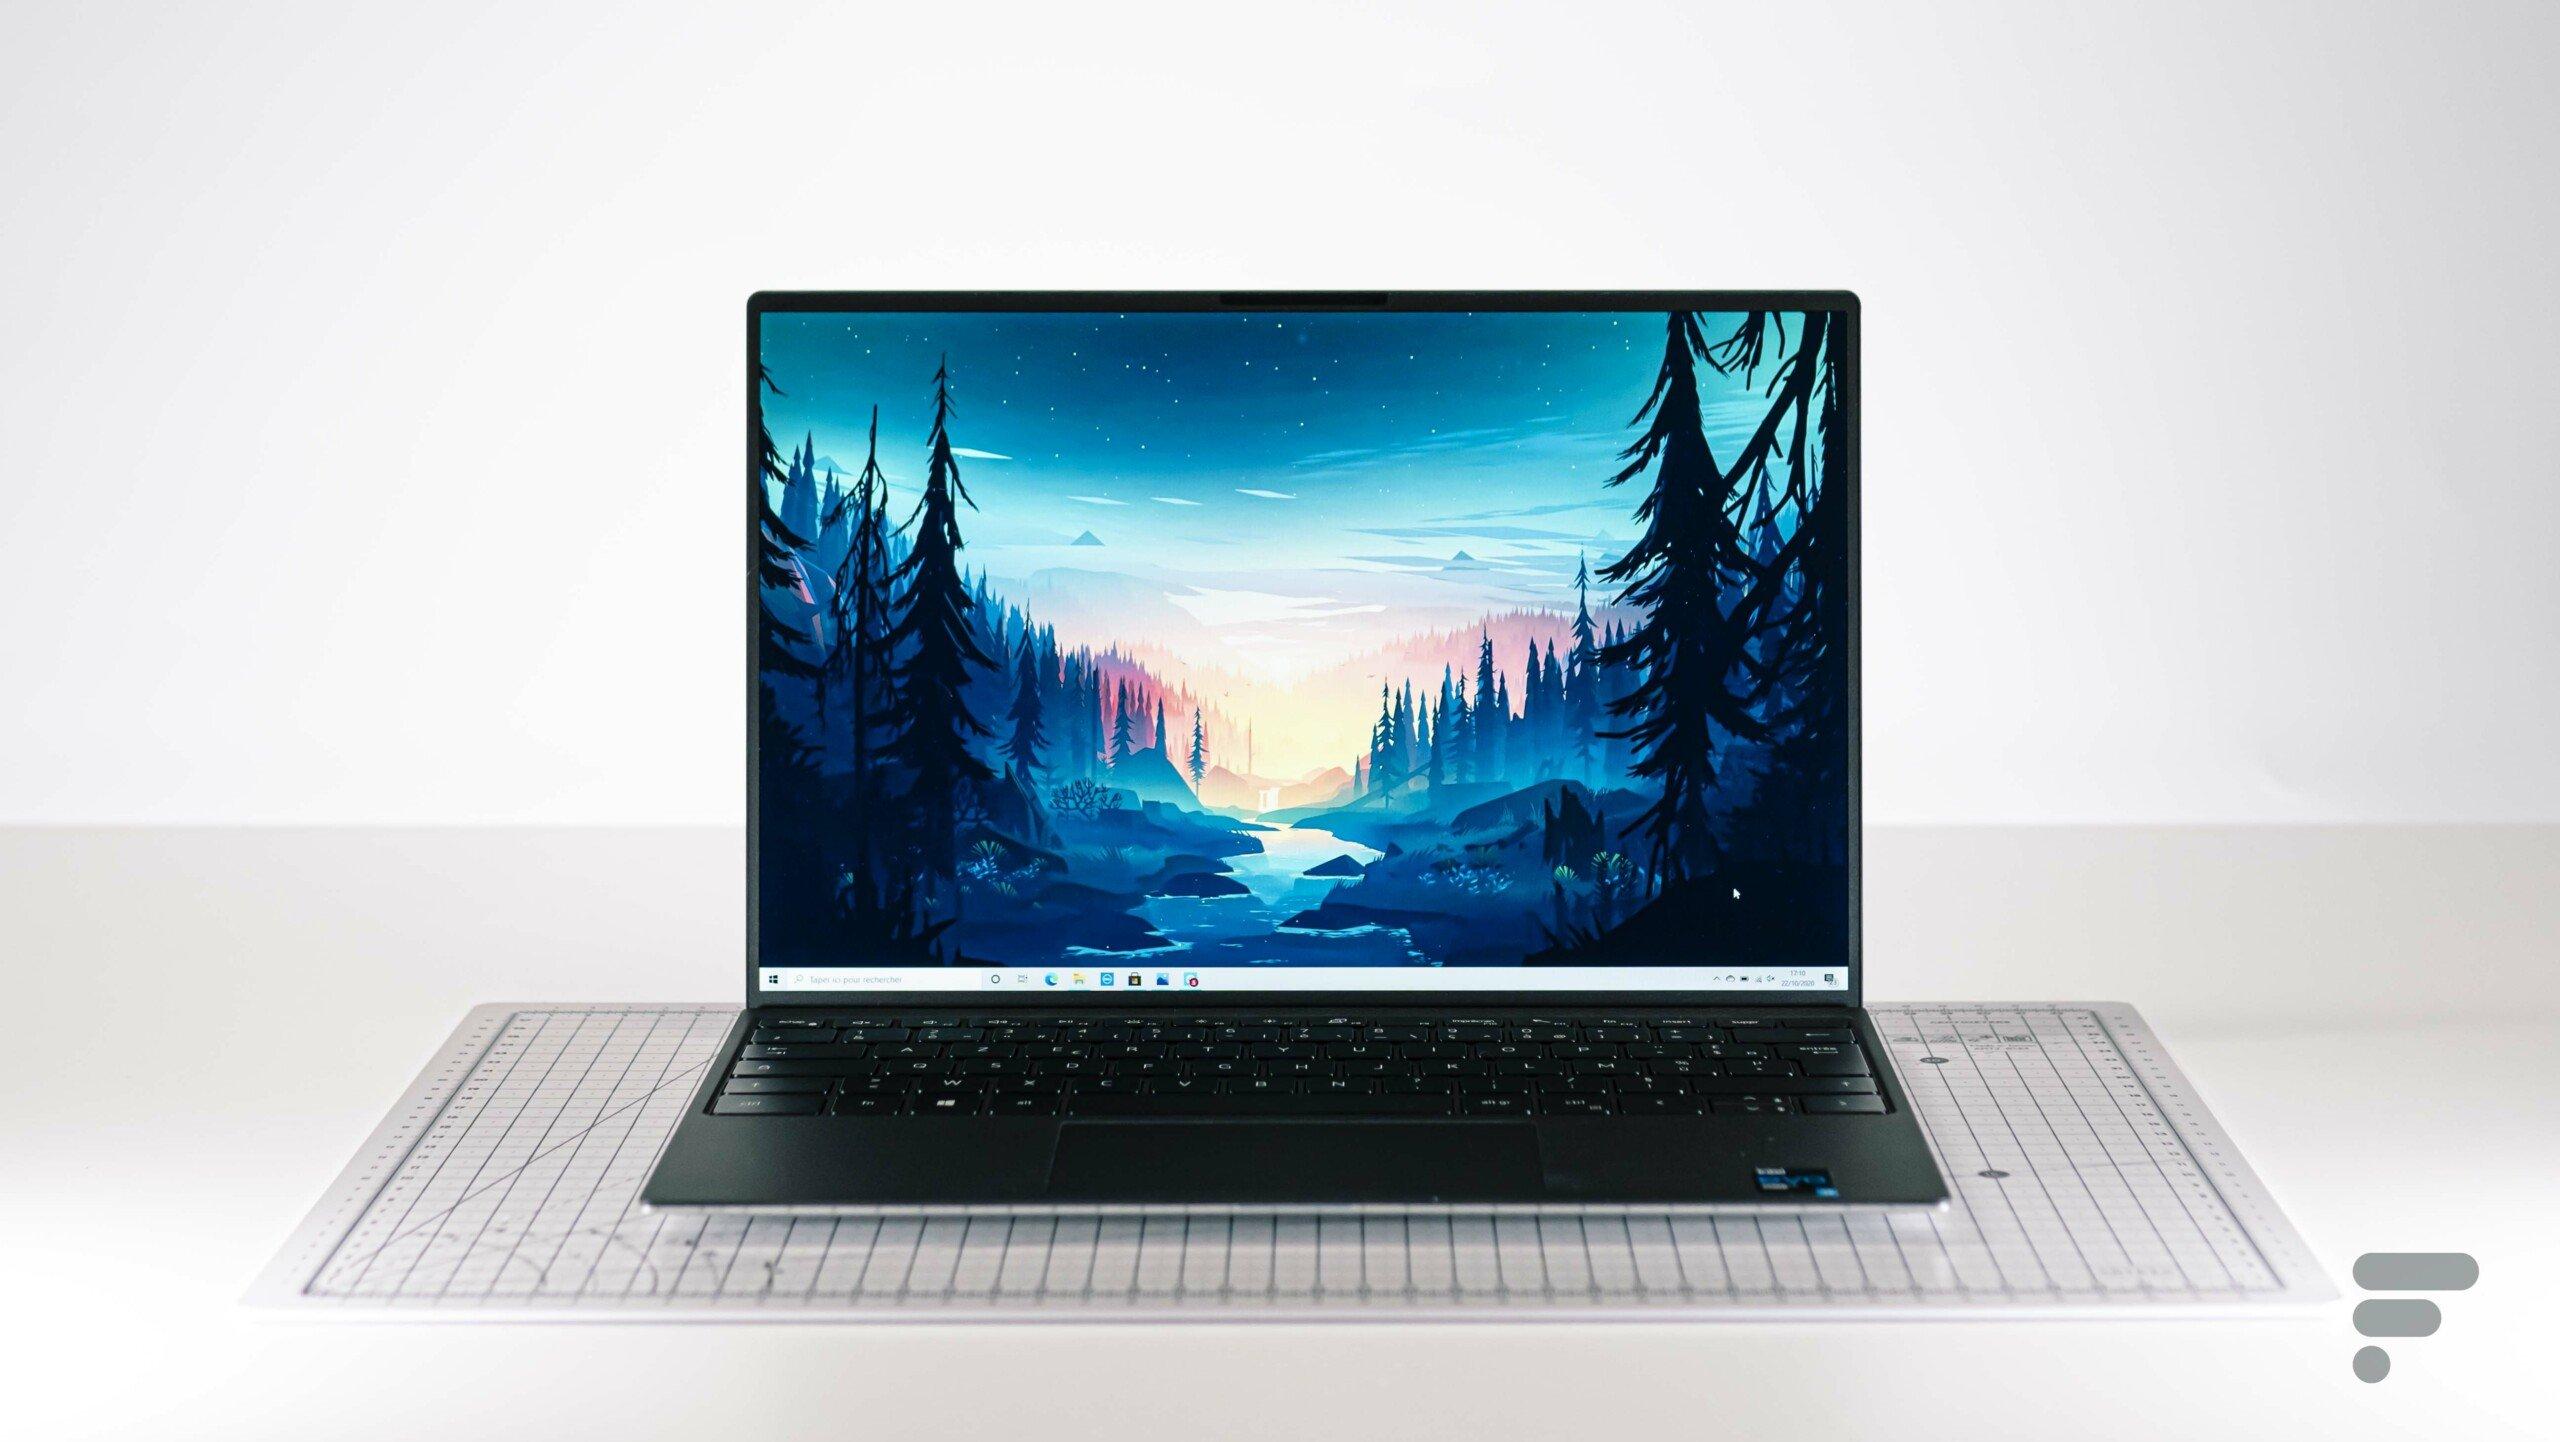 Test du Dell XPS 13 9310 : le passage à la 11e gen. de processeurs Intel Core (Tiger Lake)